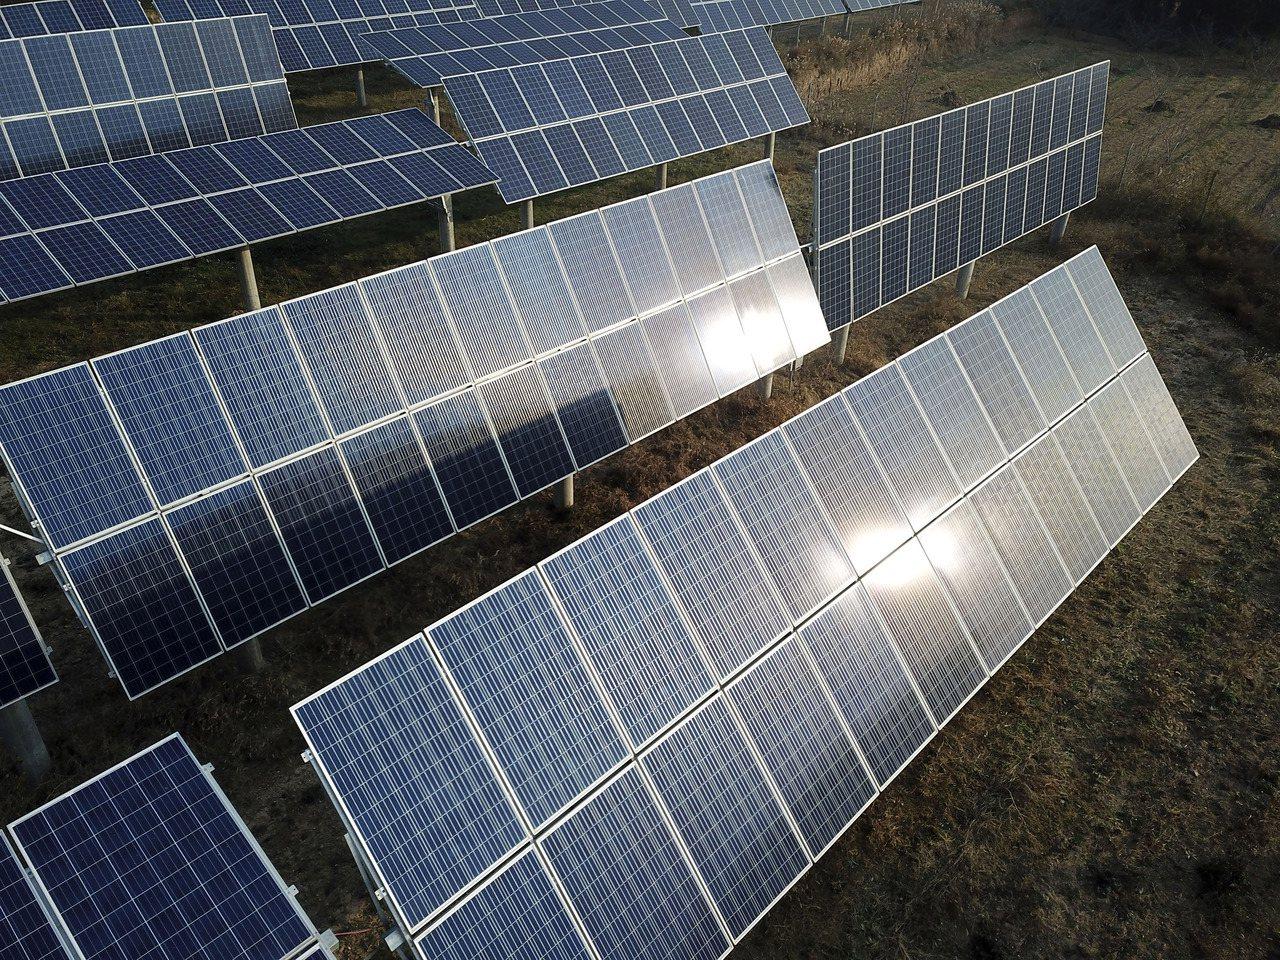 拜零件價格下跌所賜,愈來愈多太陽能面板客戶選用兩面都可吸收太陽能來發電的雙面太陽...